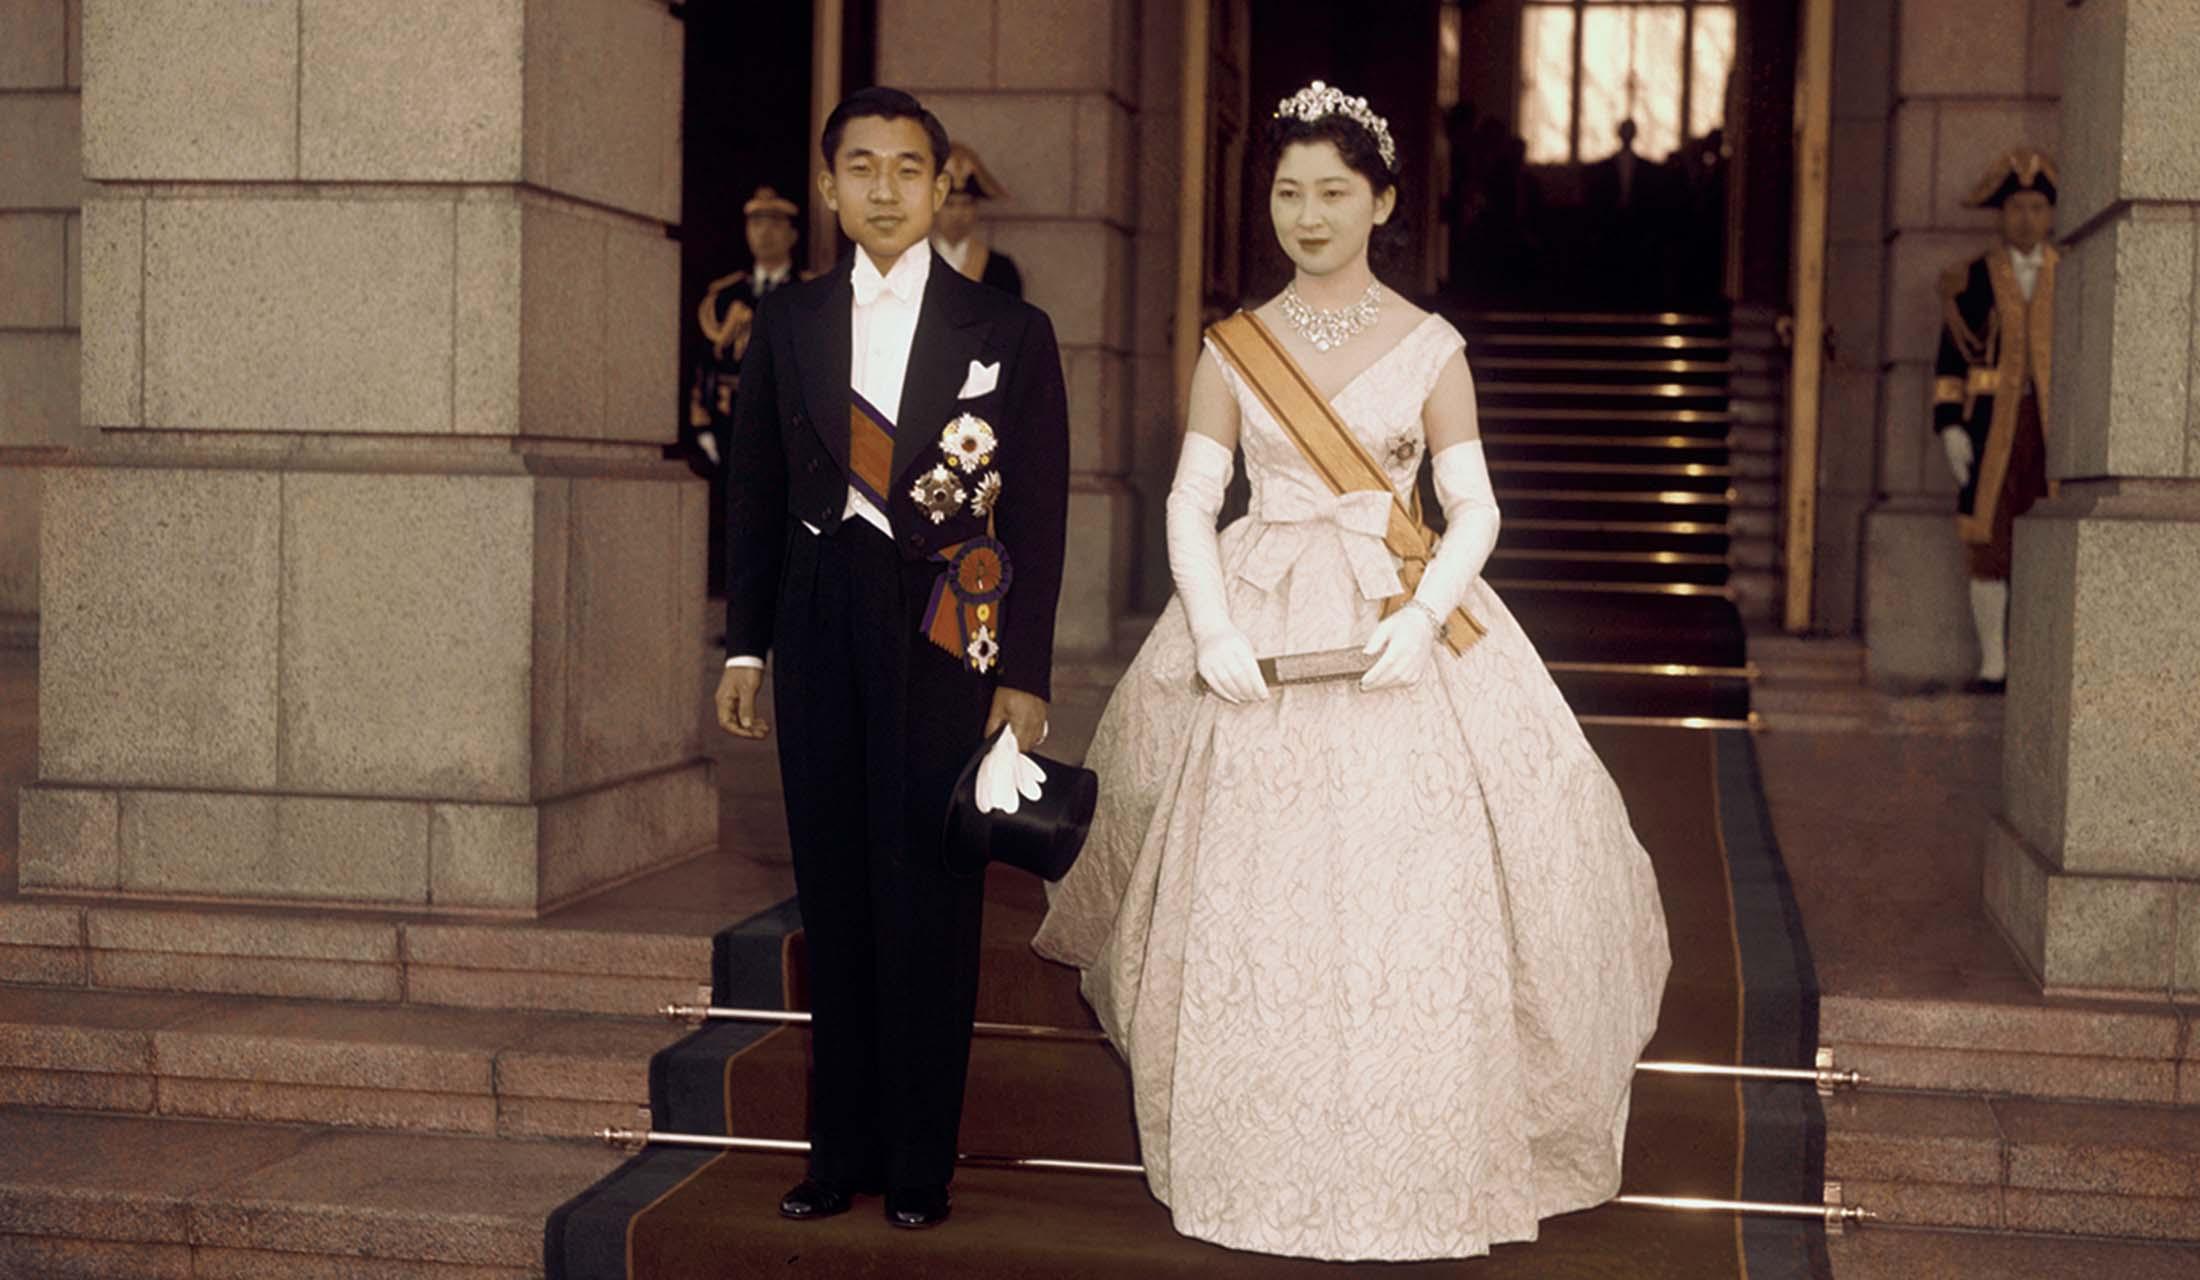 貴重な写真で振り返る!皇后美智子さまの「エレガンスの歴史